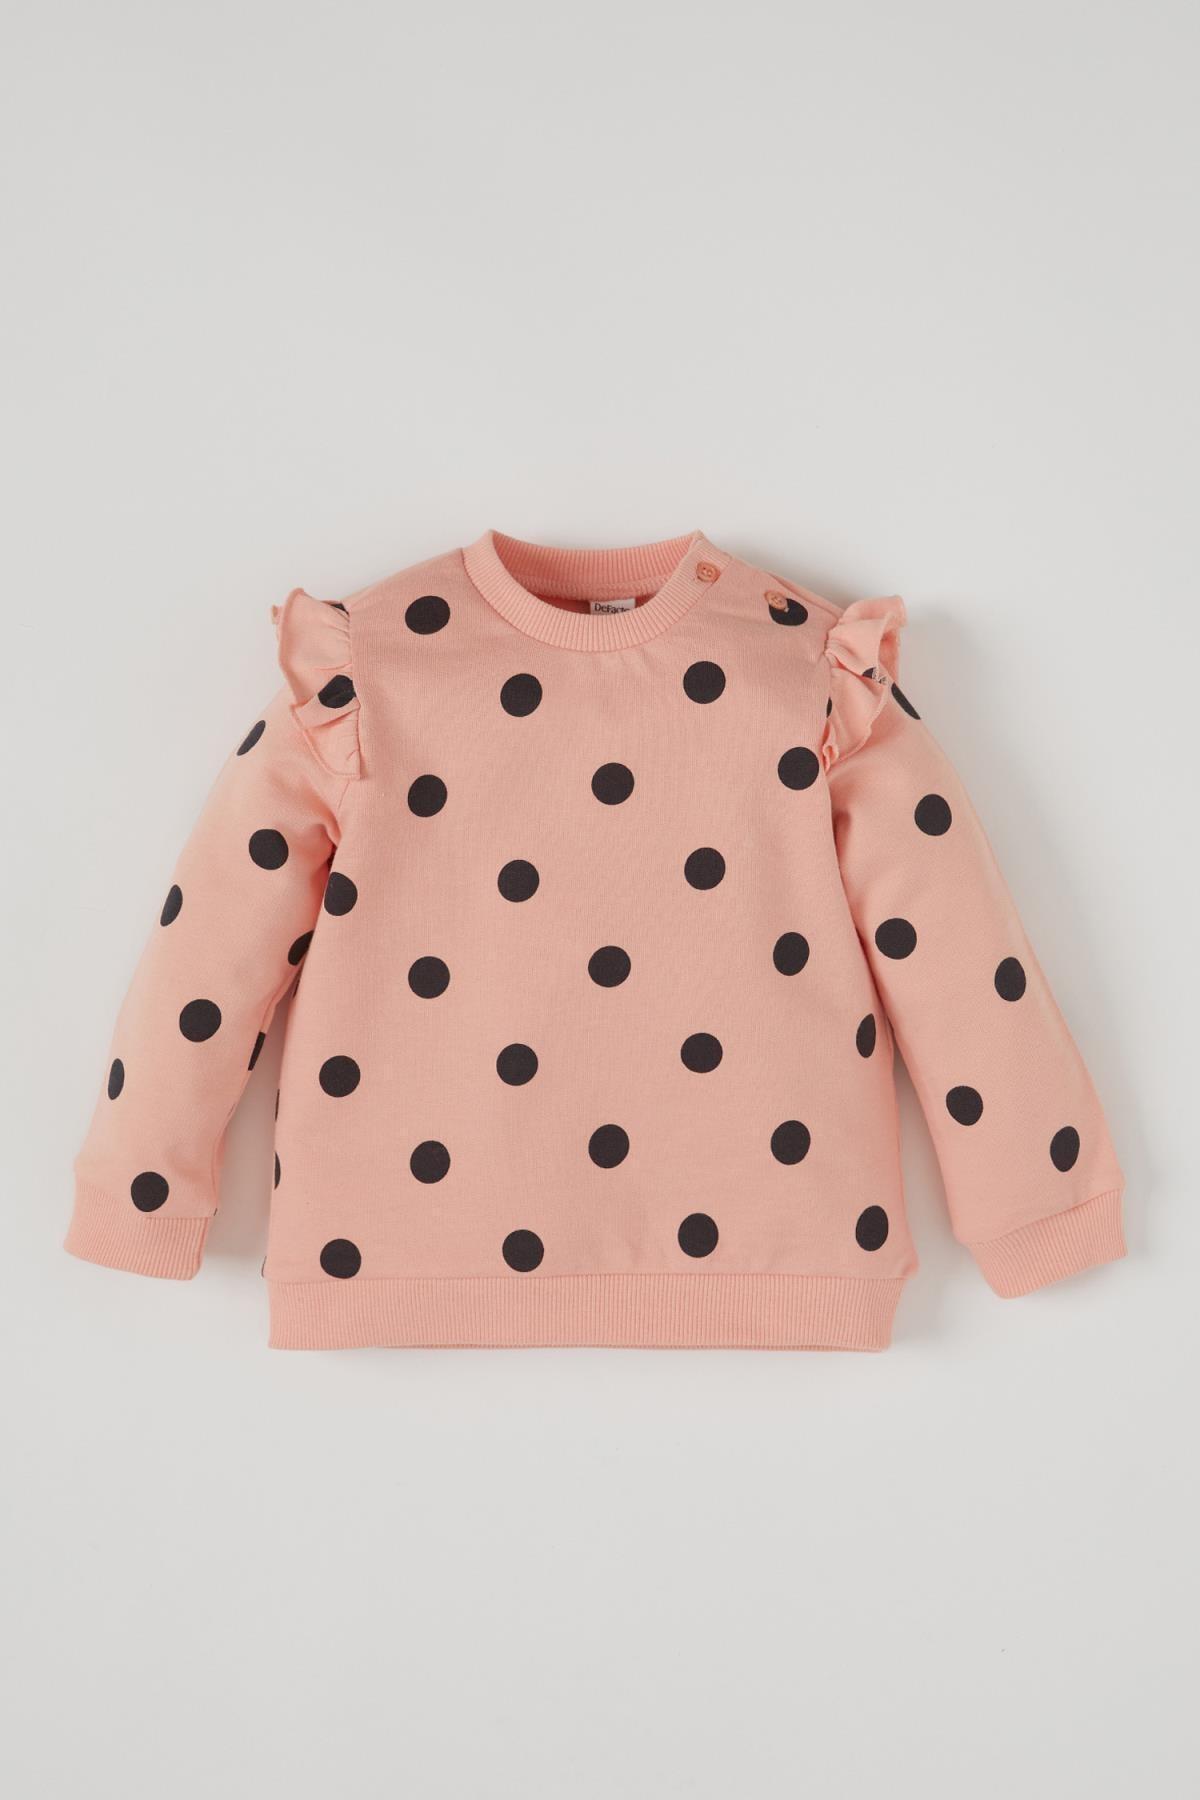 فروش اصل سویشرت نوزاد دختر برند دفاکتو ترکیه رنگ صورتی ty86741360